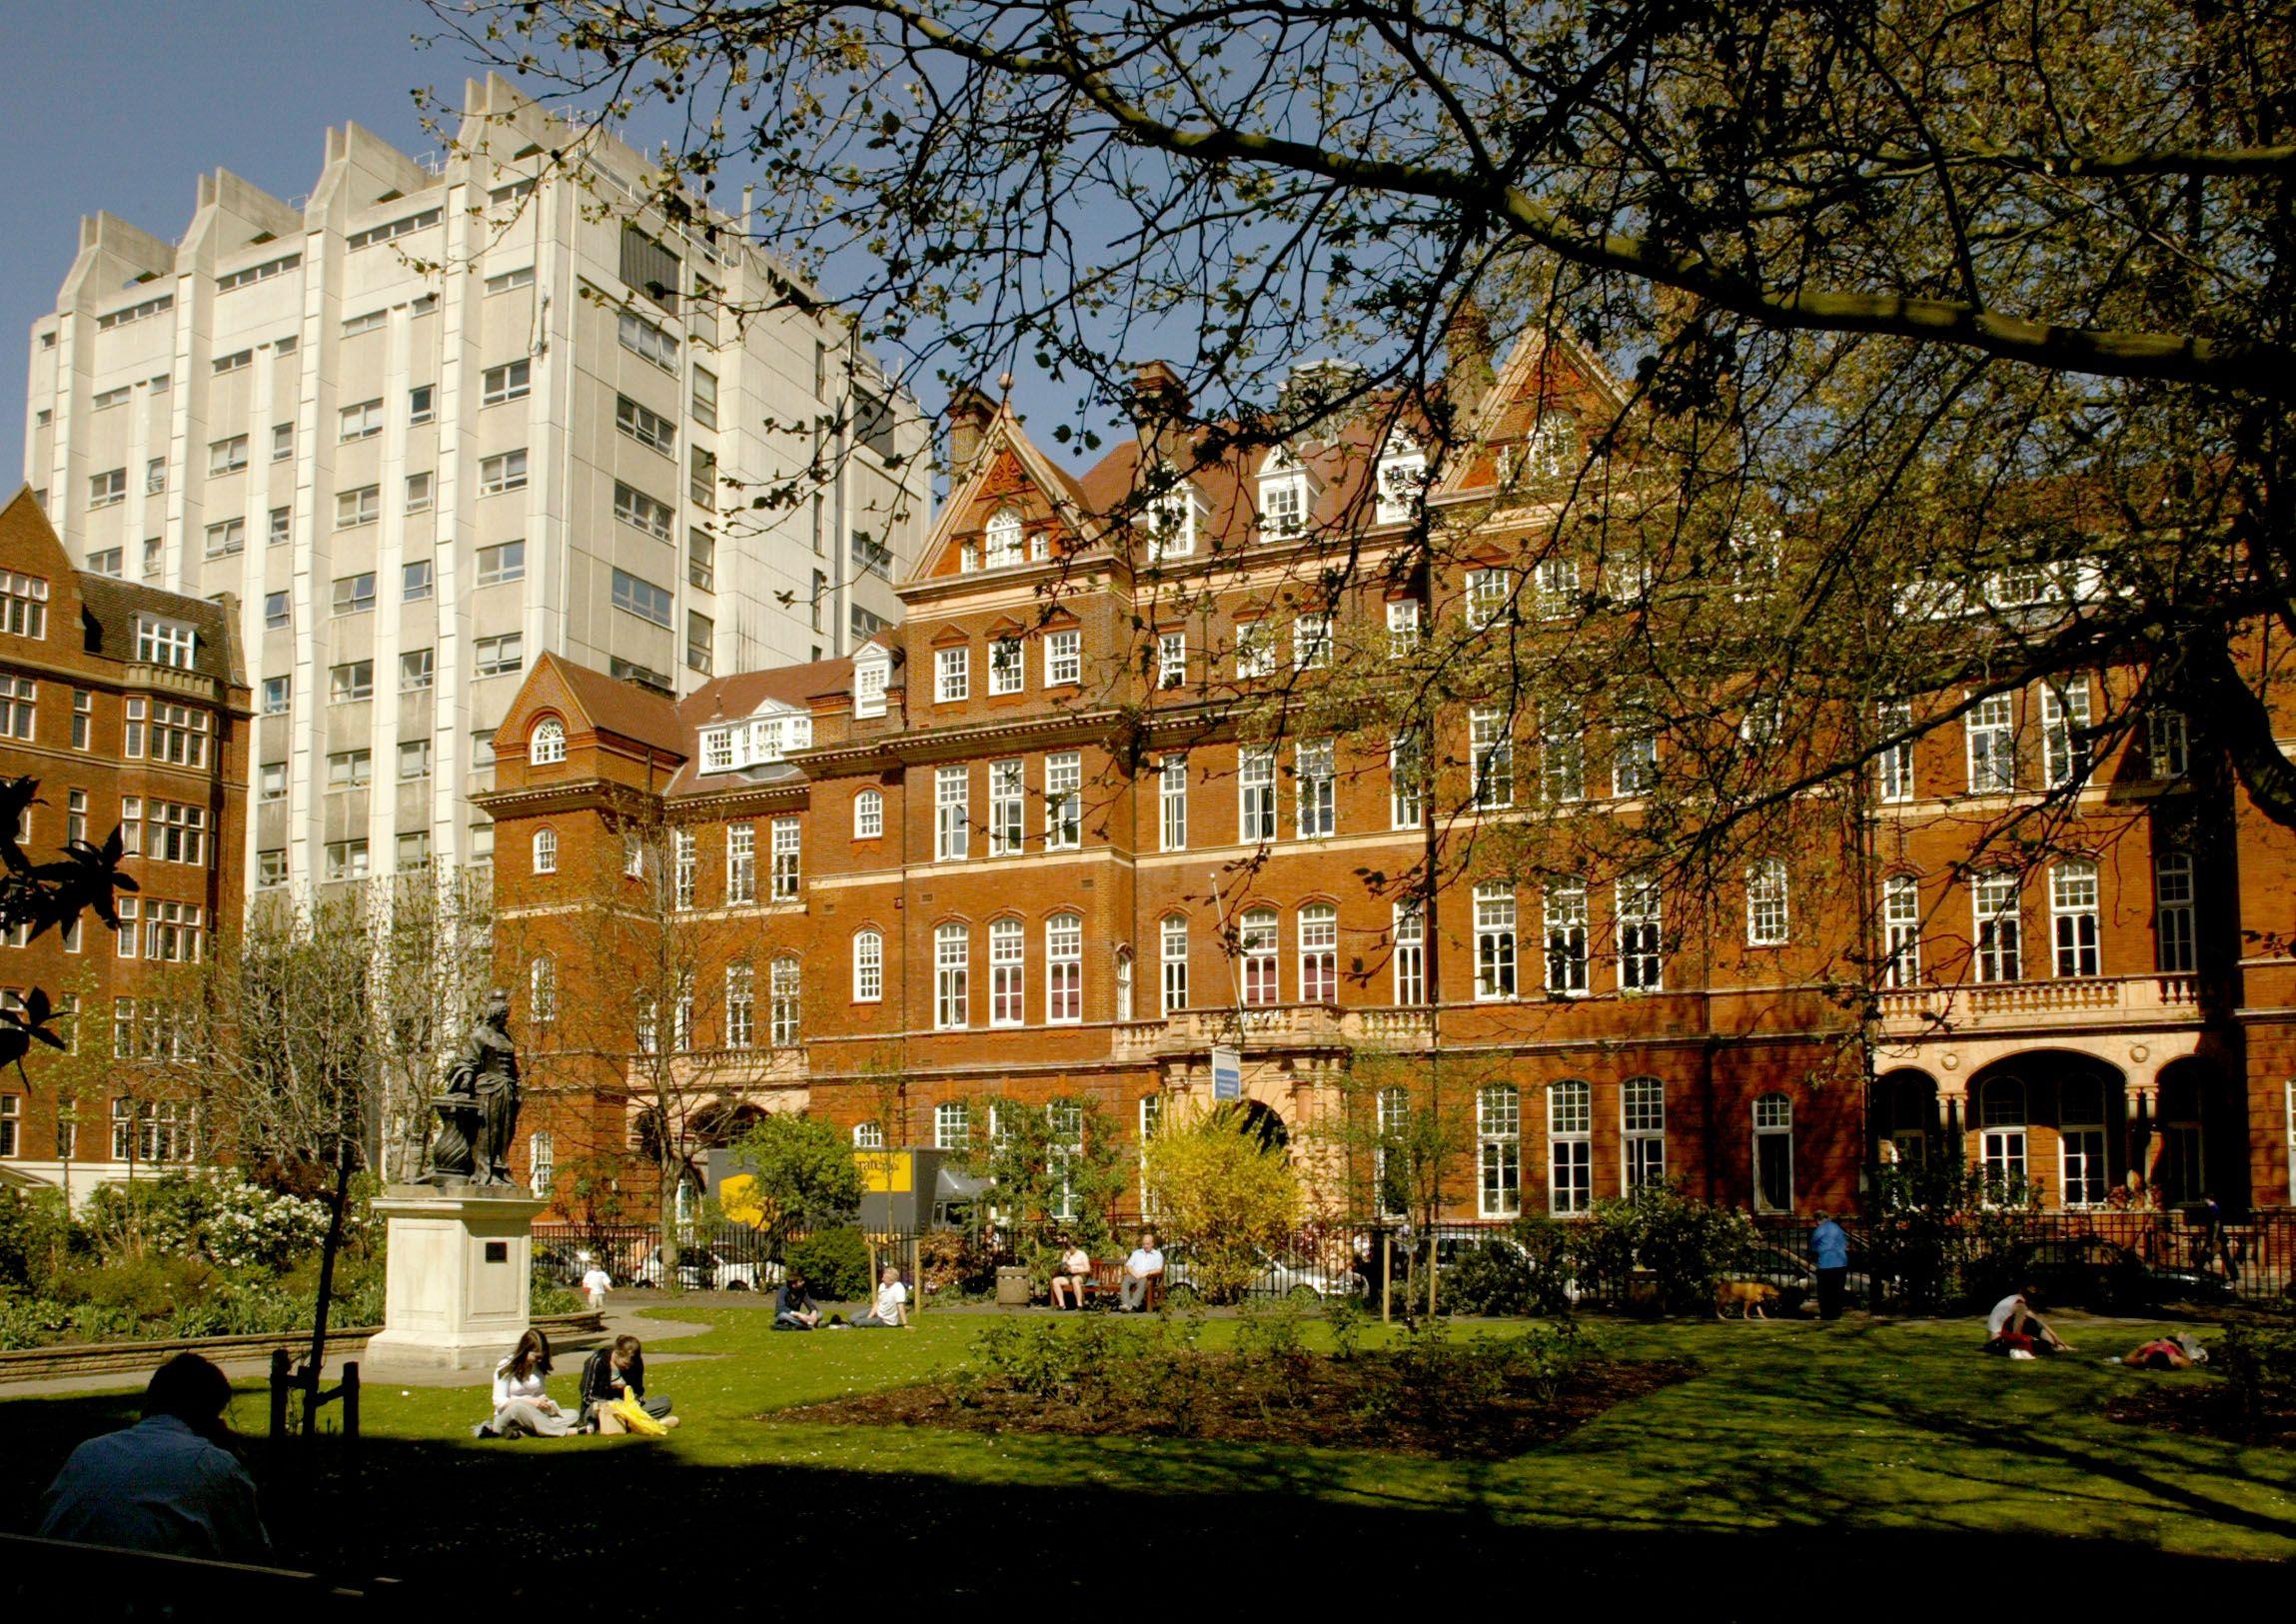 Queen Square buildings